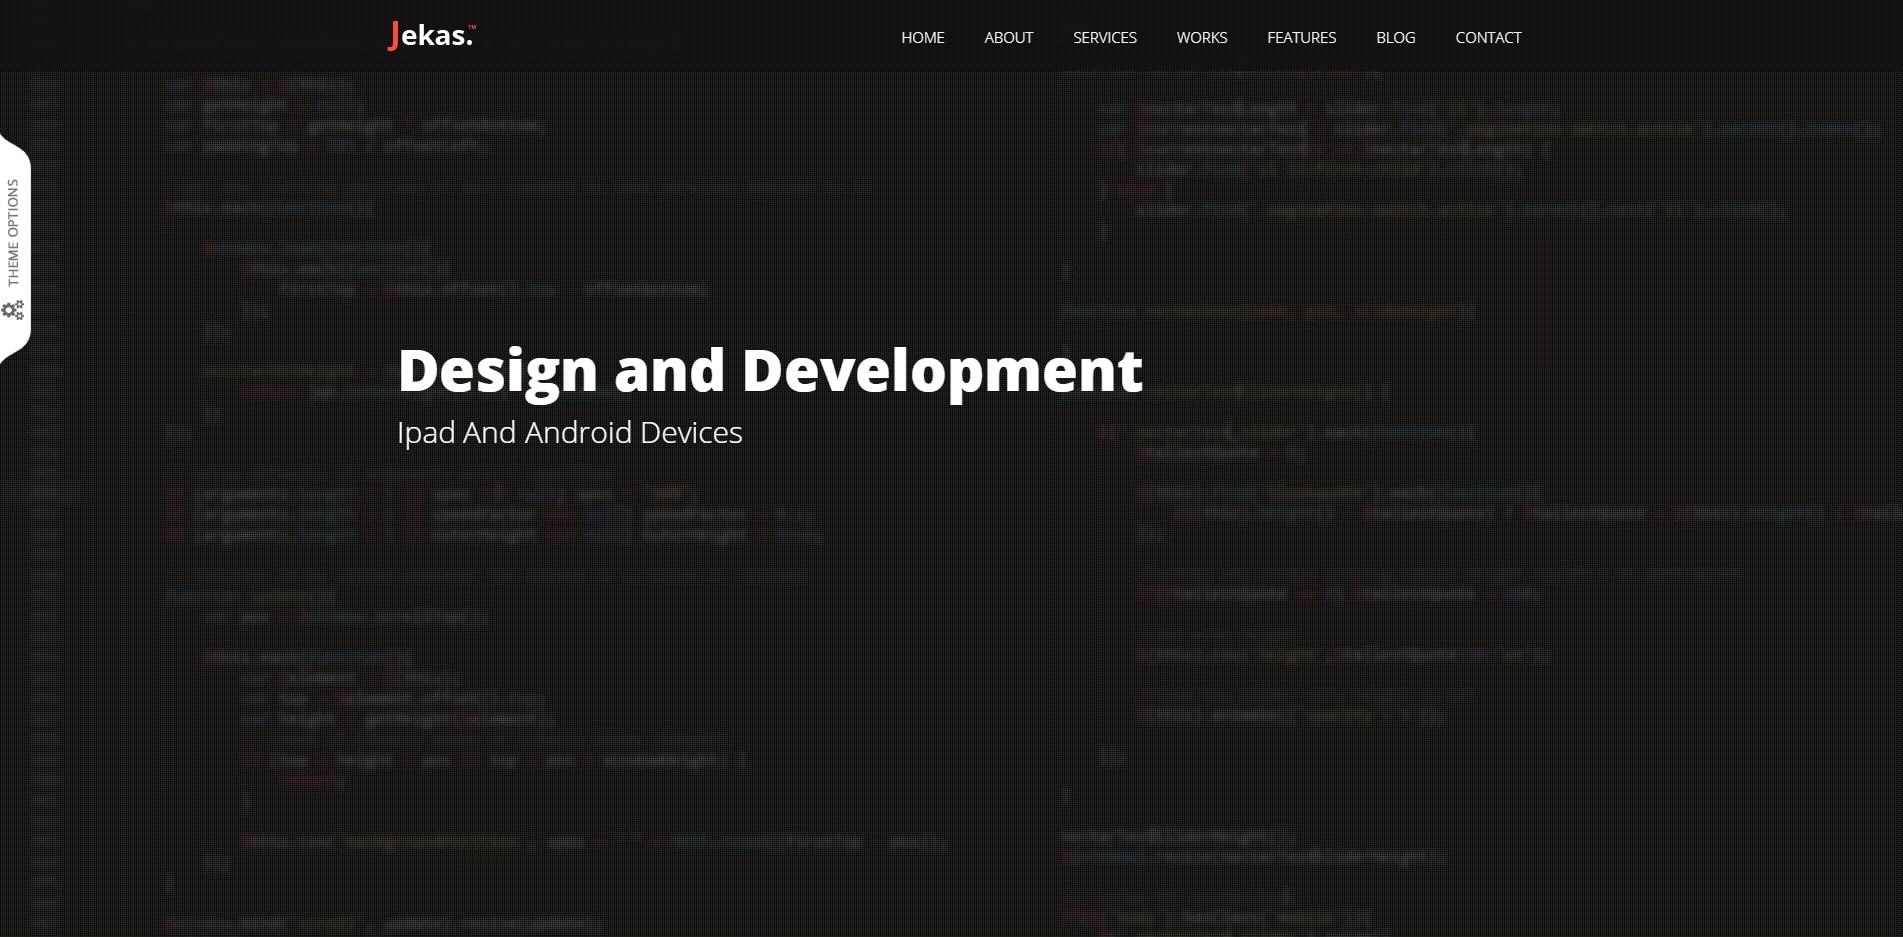 jekas technology website template